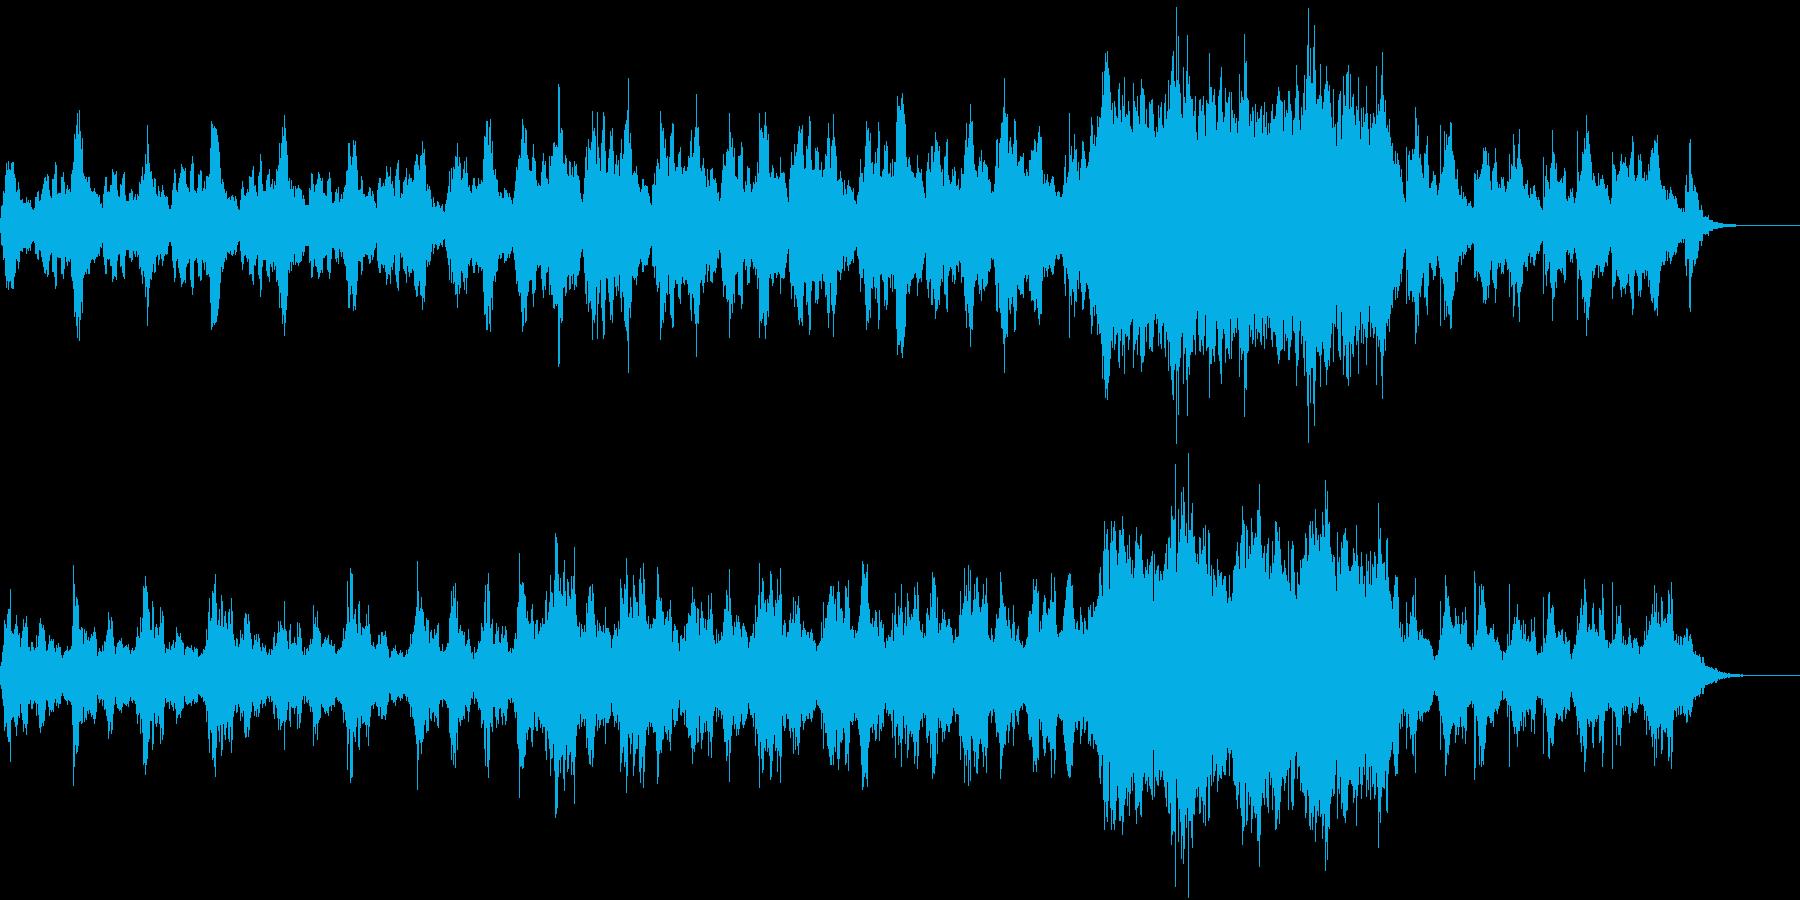 【シンセBGM】ゆったり波のような流れの再生済みの波形